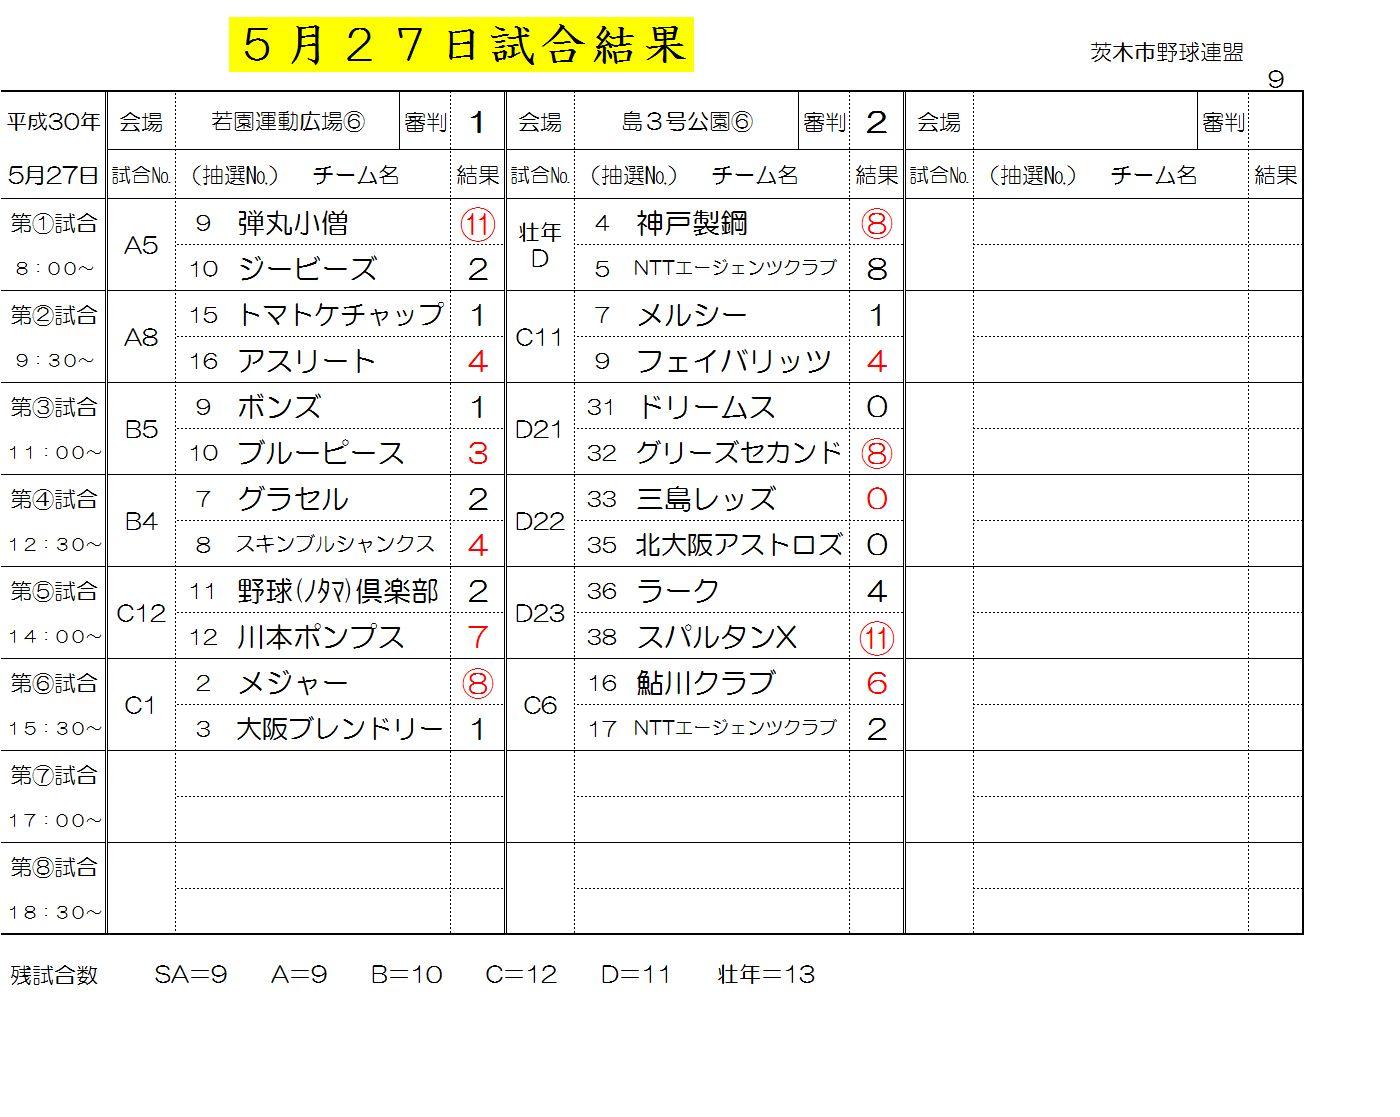 5月27日試合結果